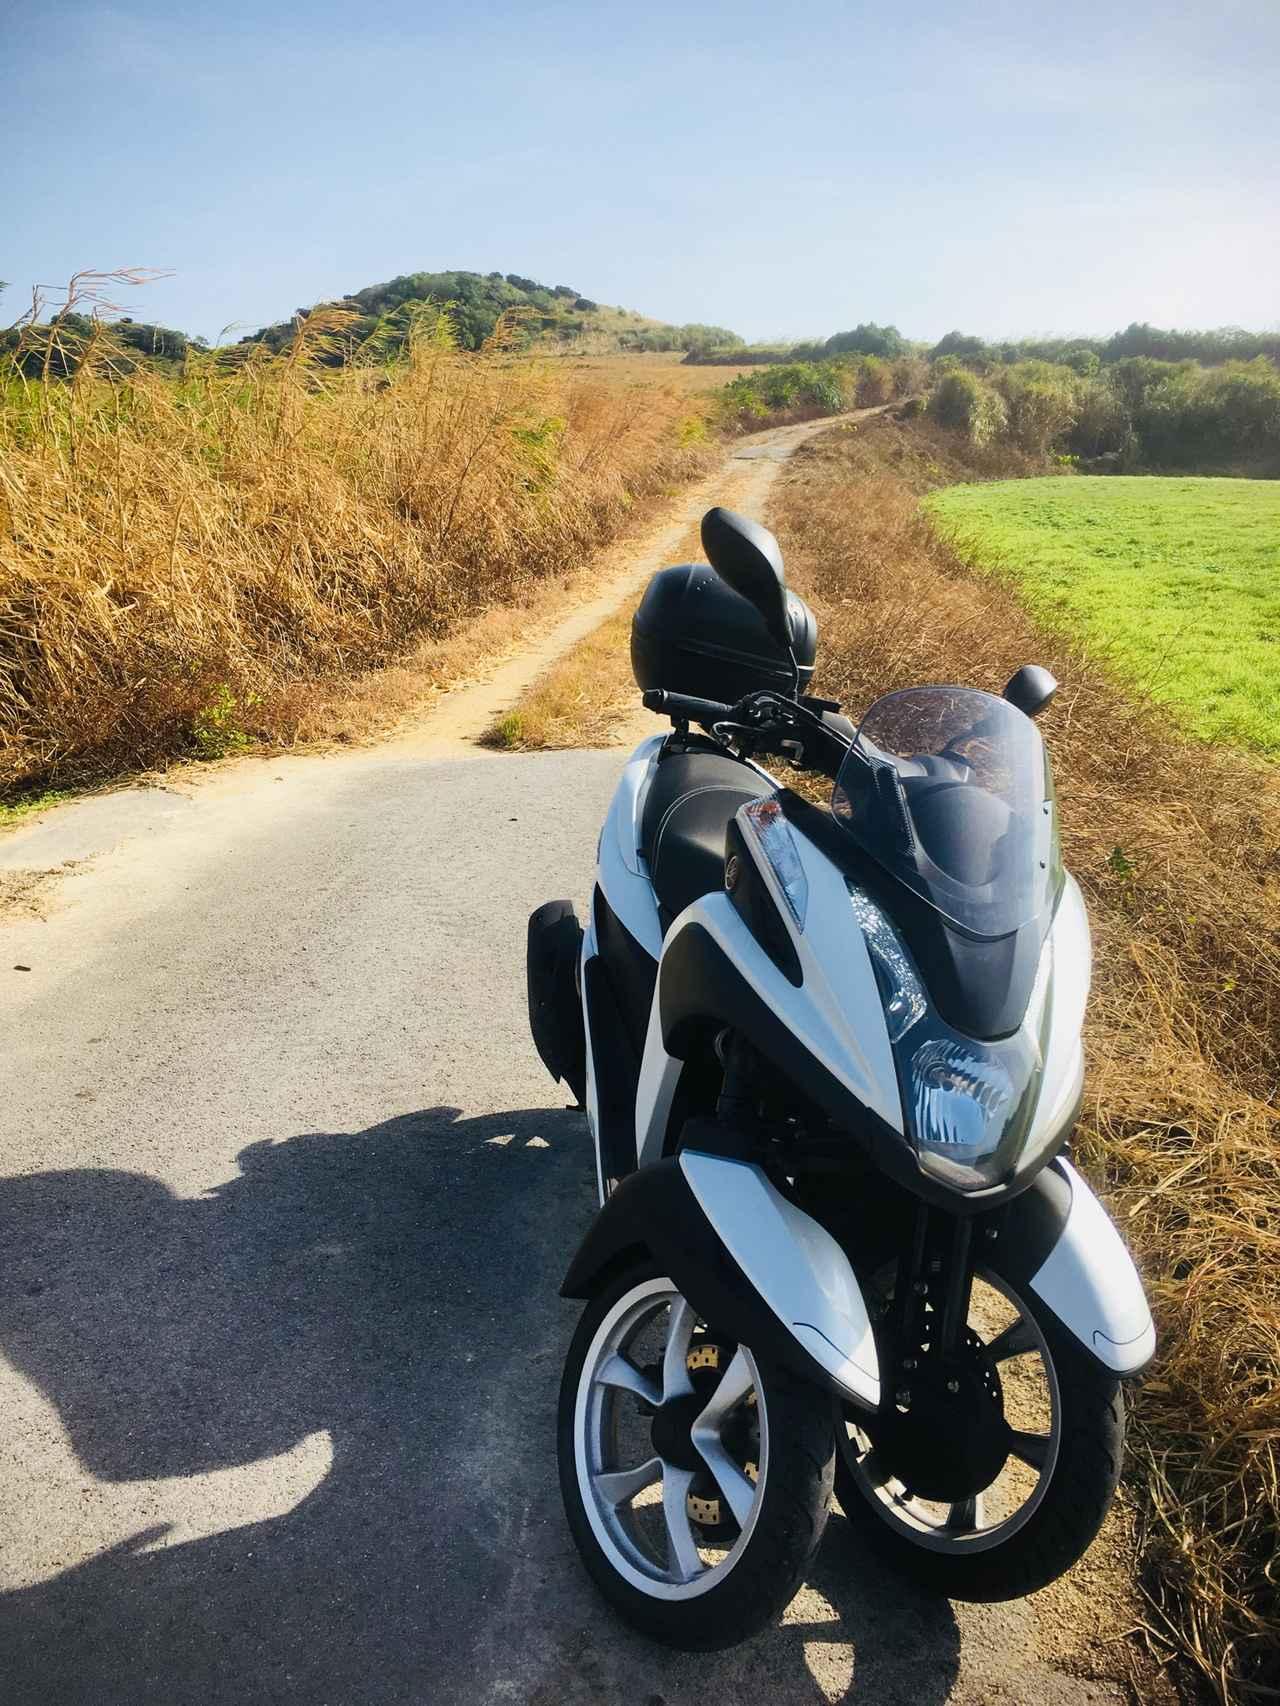 画像7: またまた、石垣島から小さな島に渡り、ひとり旅してきました( › ·̮ ‹ )